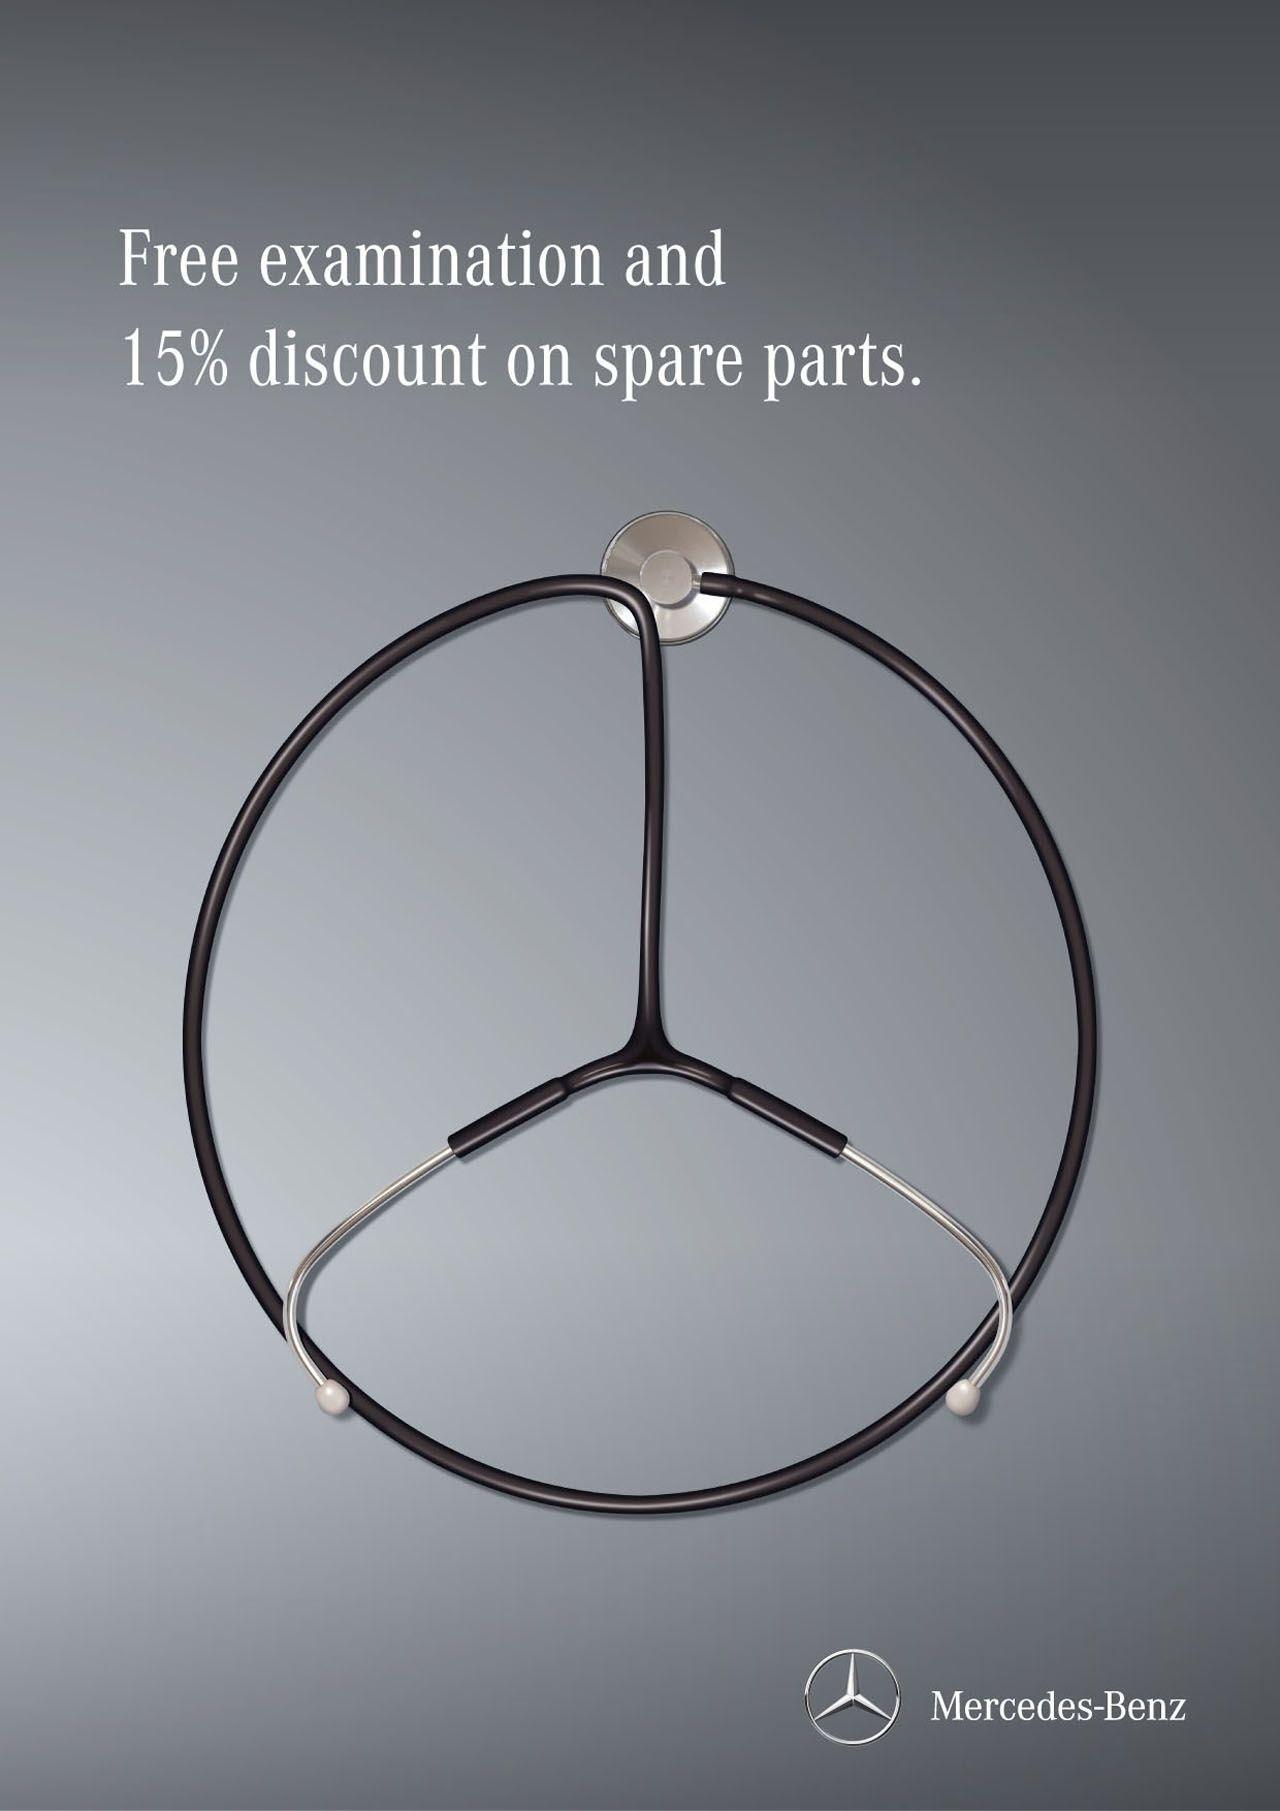 58 Mercedes Benz Ad Ideas